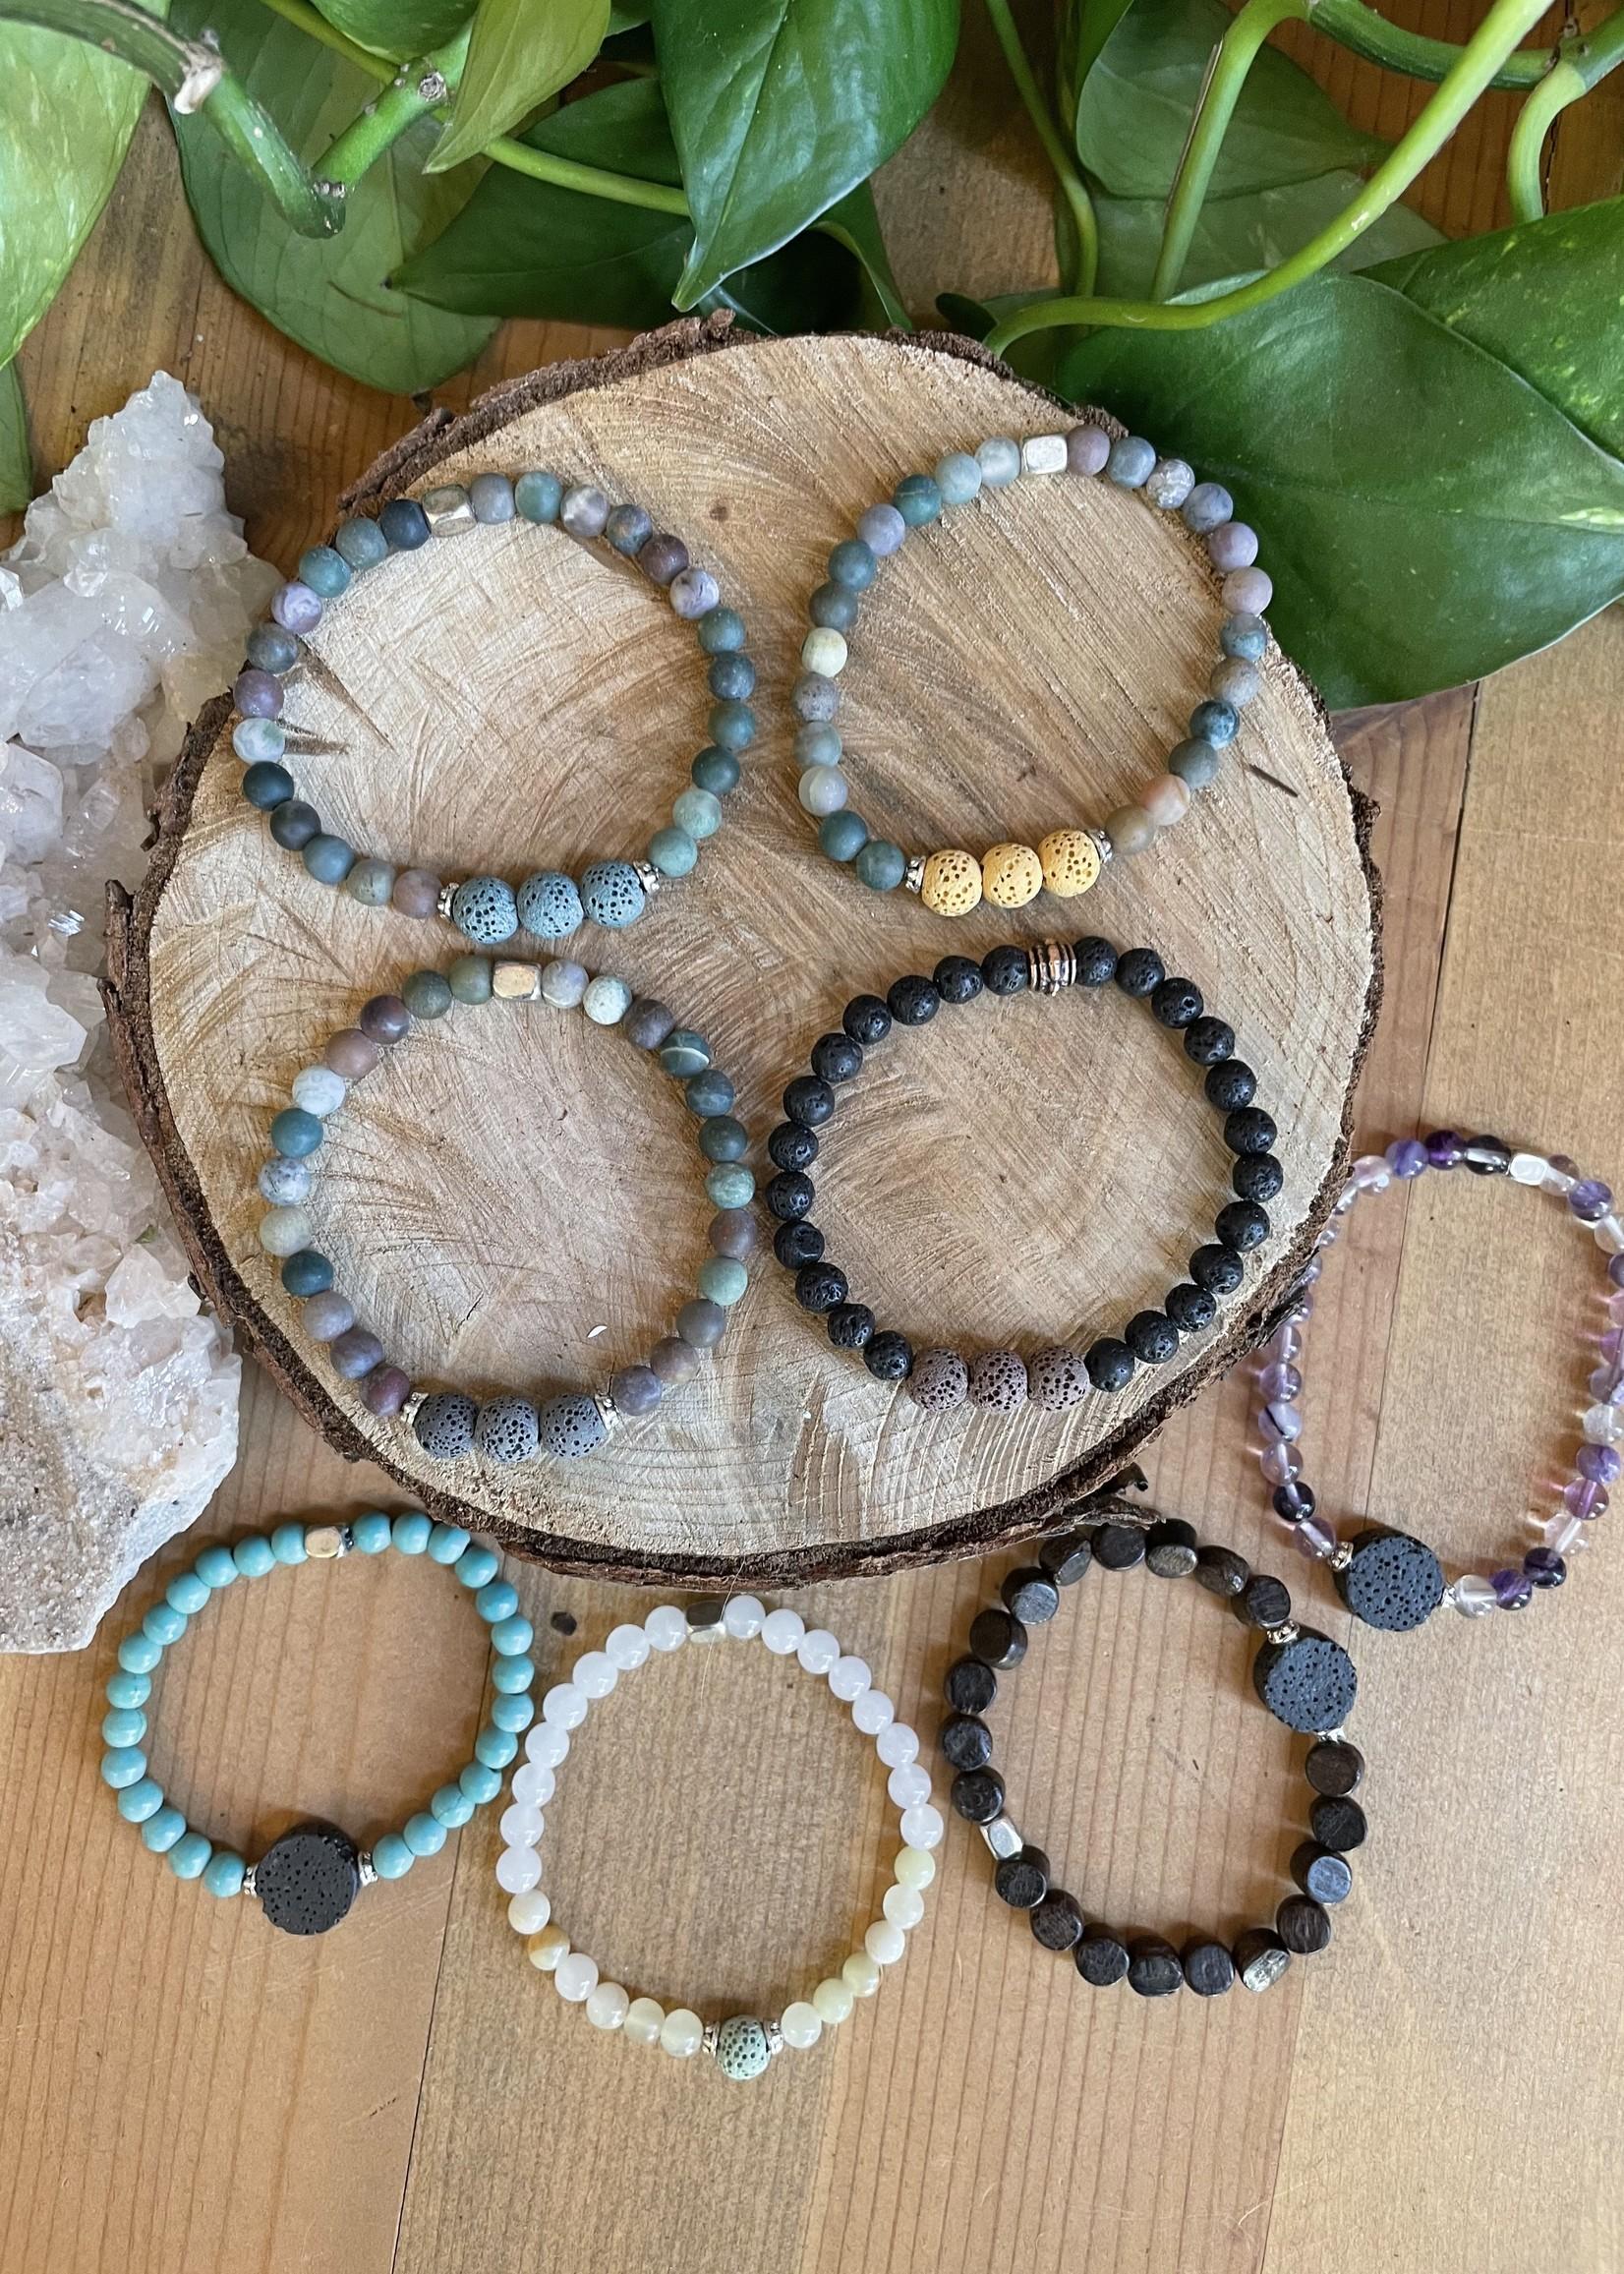 Stretch lava stone bracelets